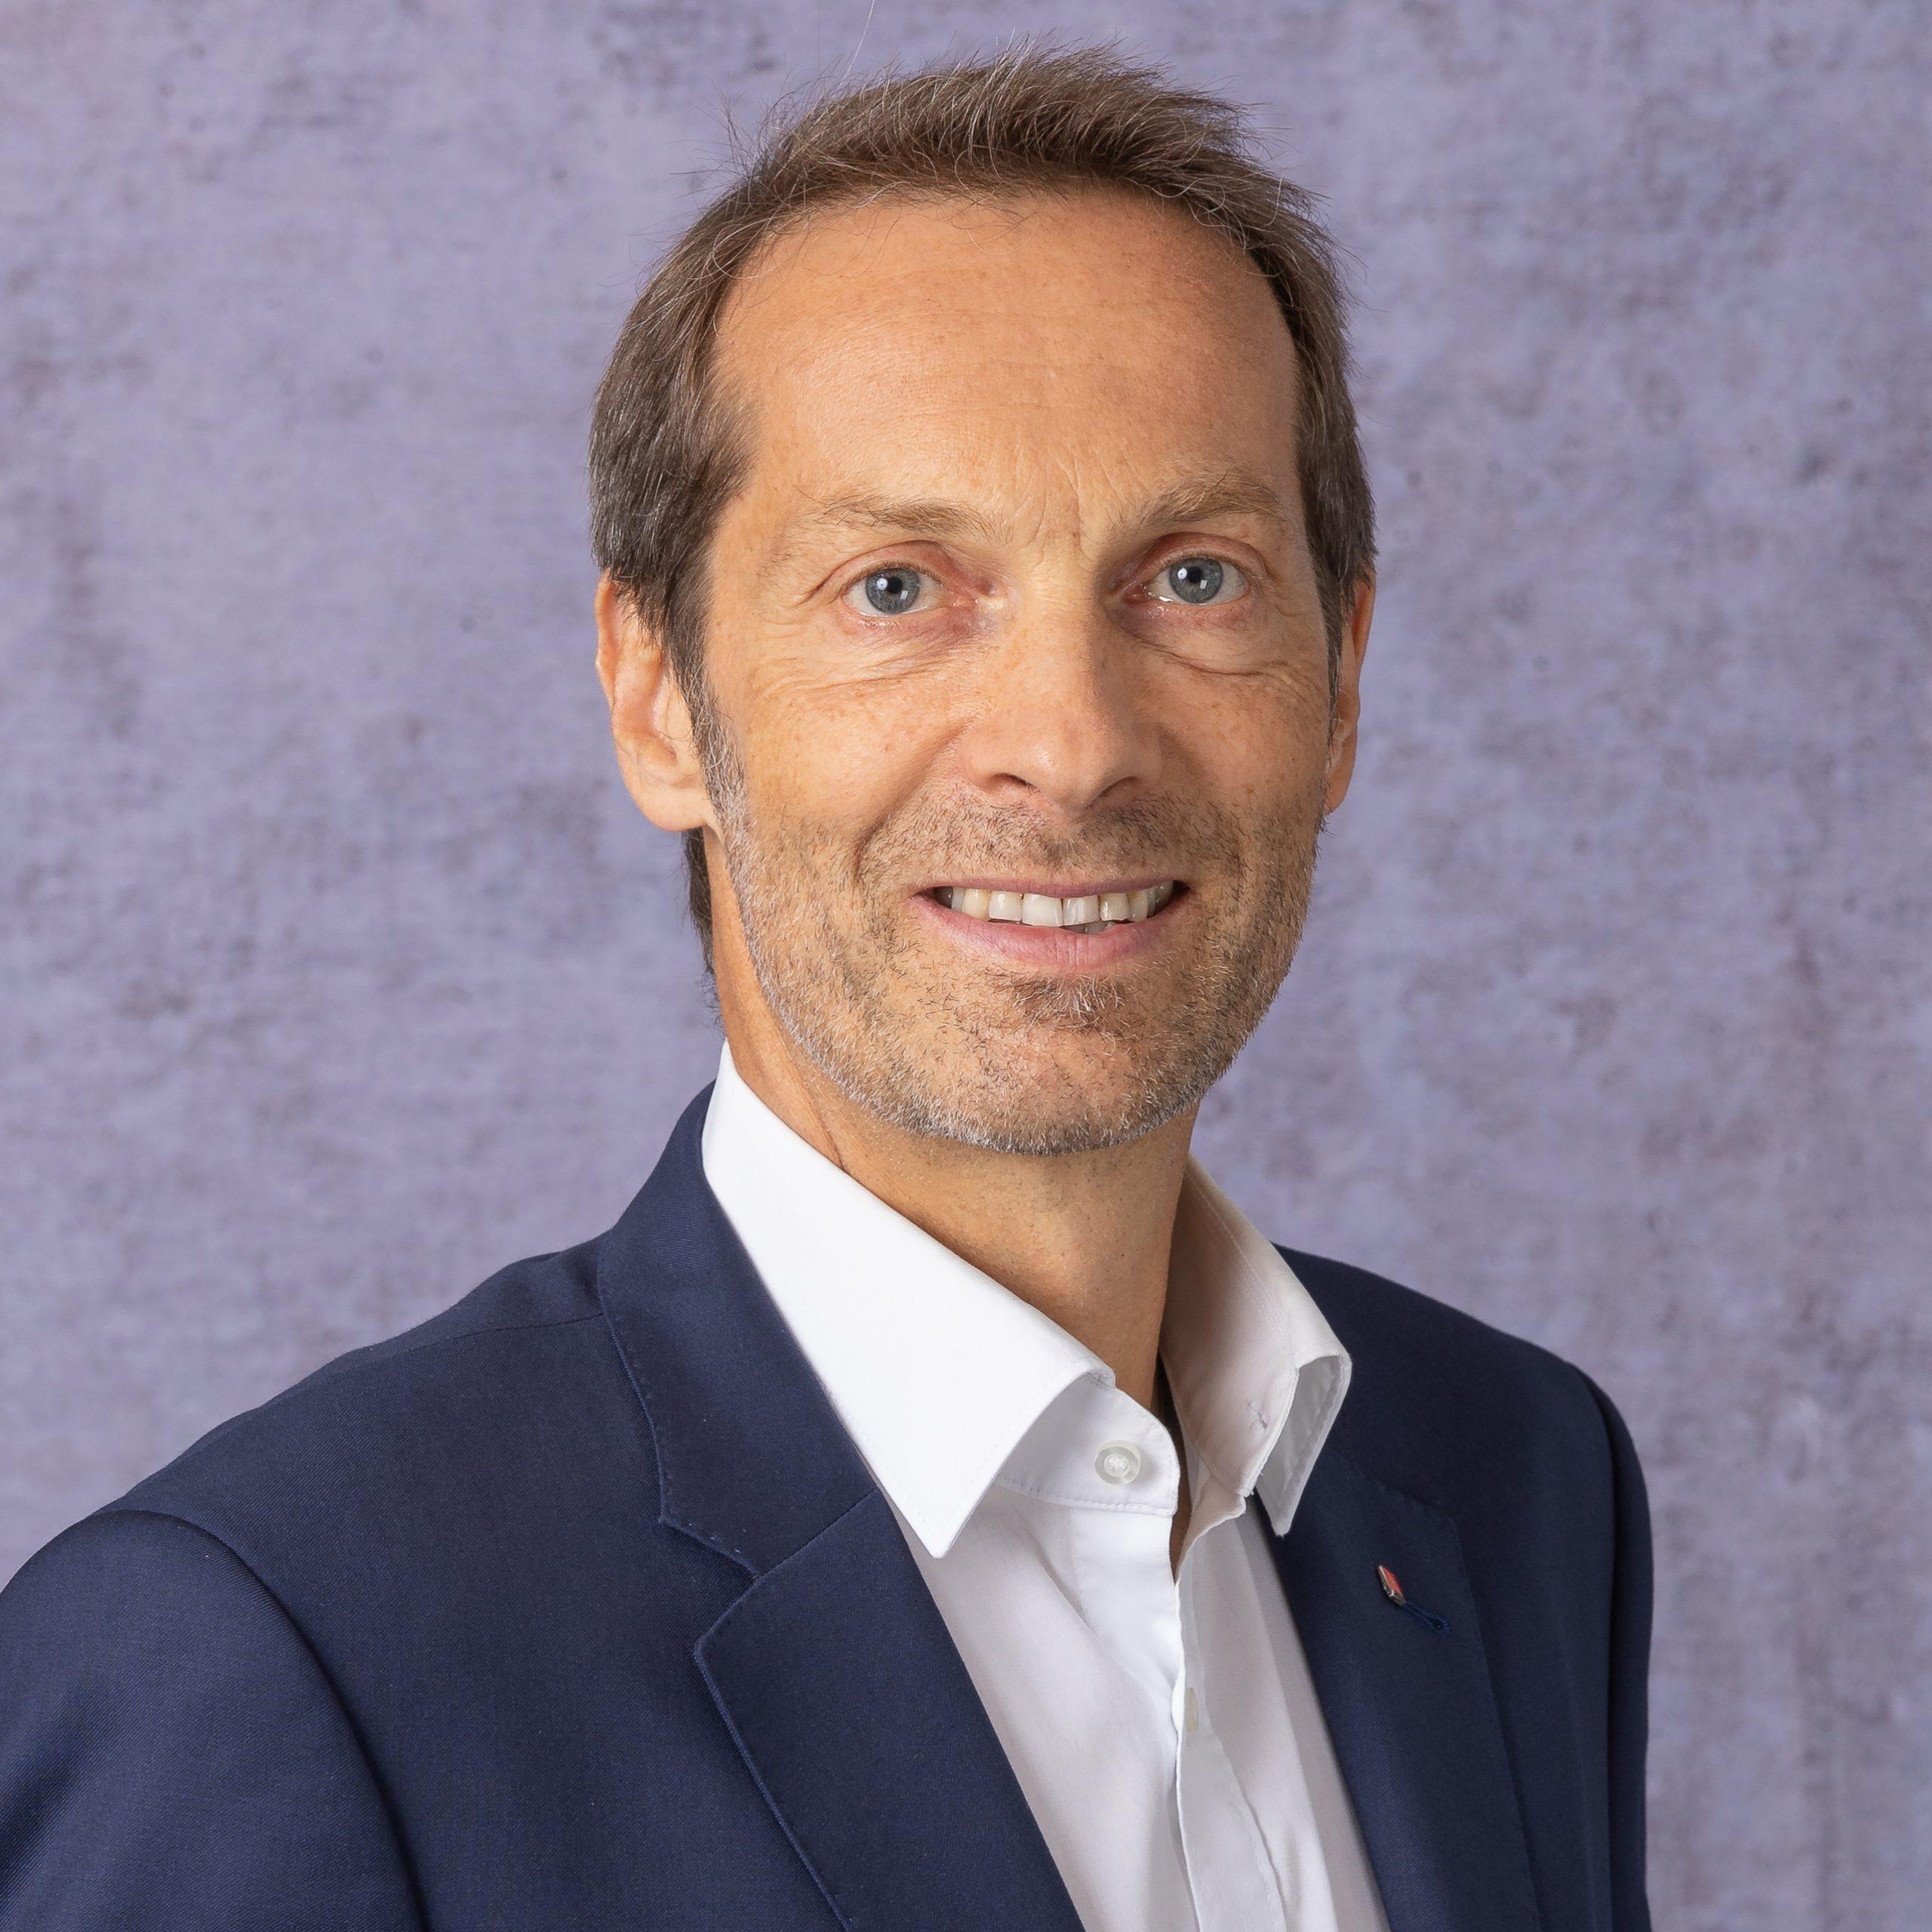 Wolfgang Kradischnig, spoluvlastník skupiny společností DELTA, výkonný ředitel společnosti Delta Holding GmbH a mluvčí společnosti DELTA